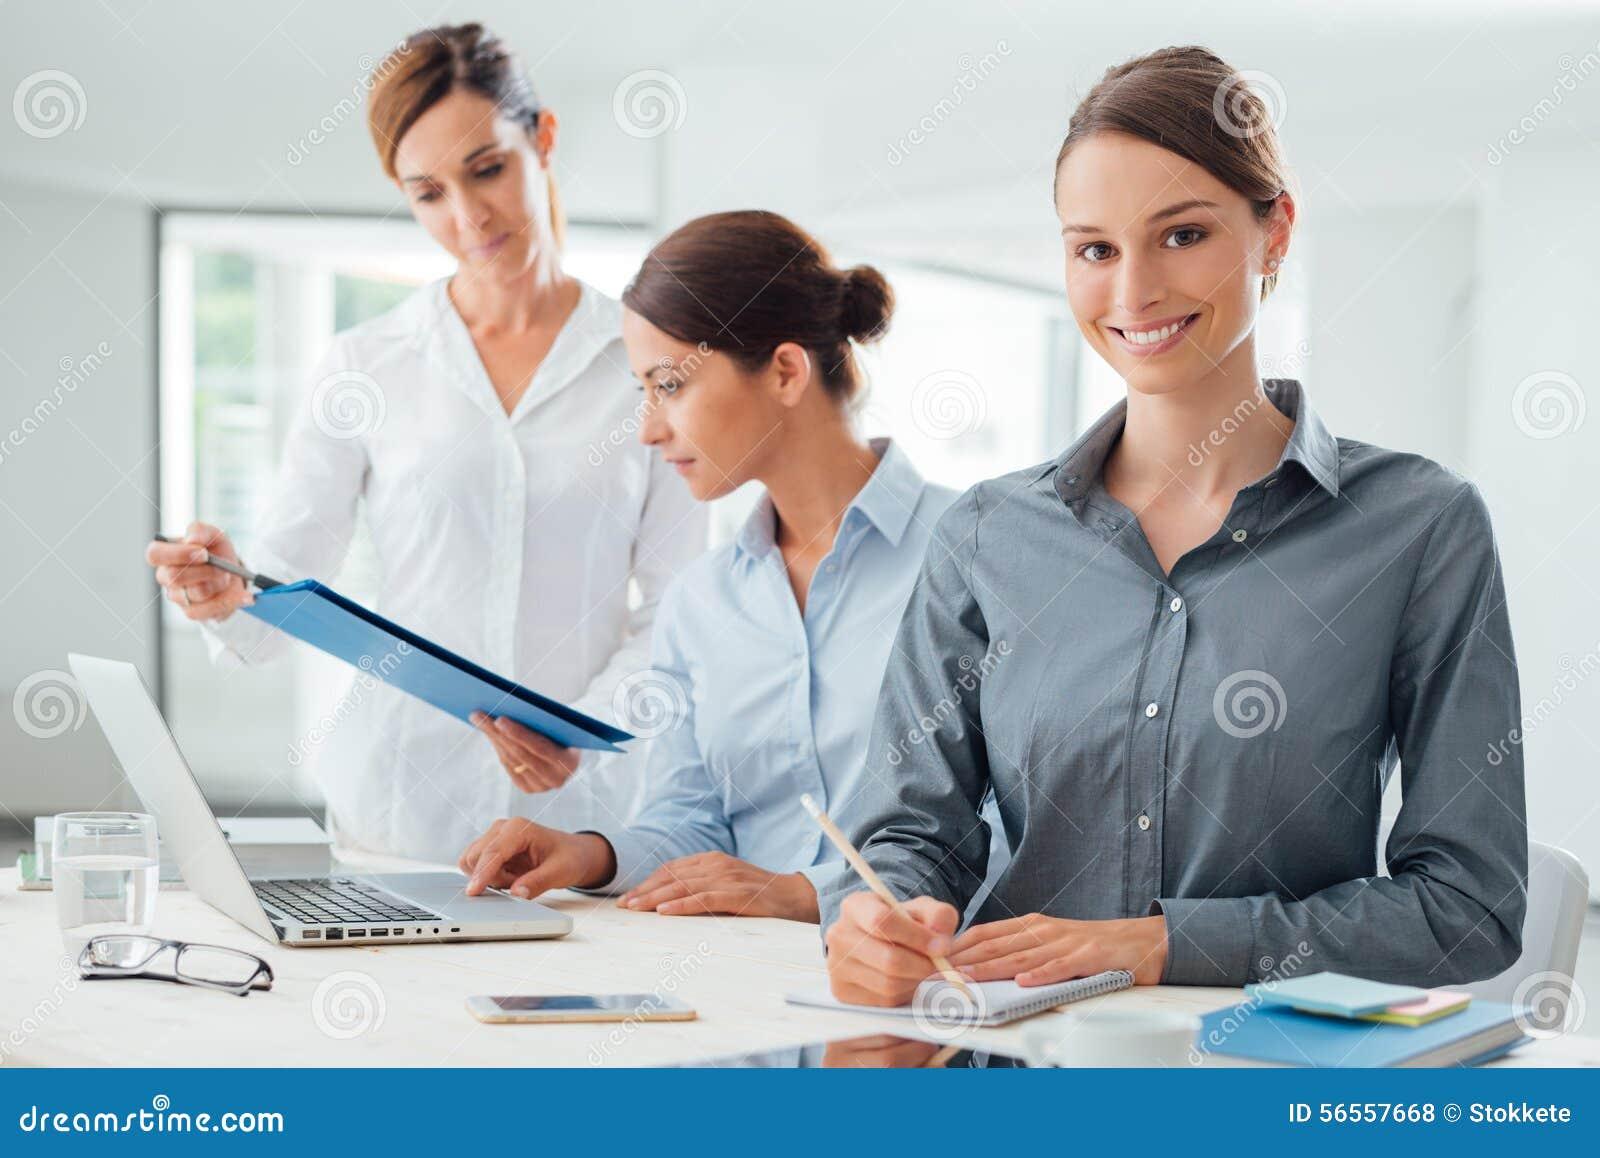 Download Ομάδα επιχειρησιακών γυναικών που εργάζεται στο γραφείο Στοκ Εικόνες - εικόνα από διευθυντής, lap: 56557668